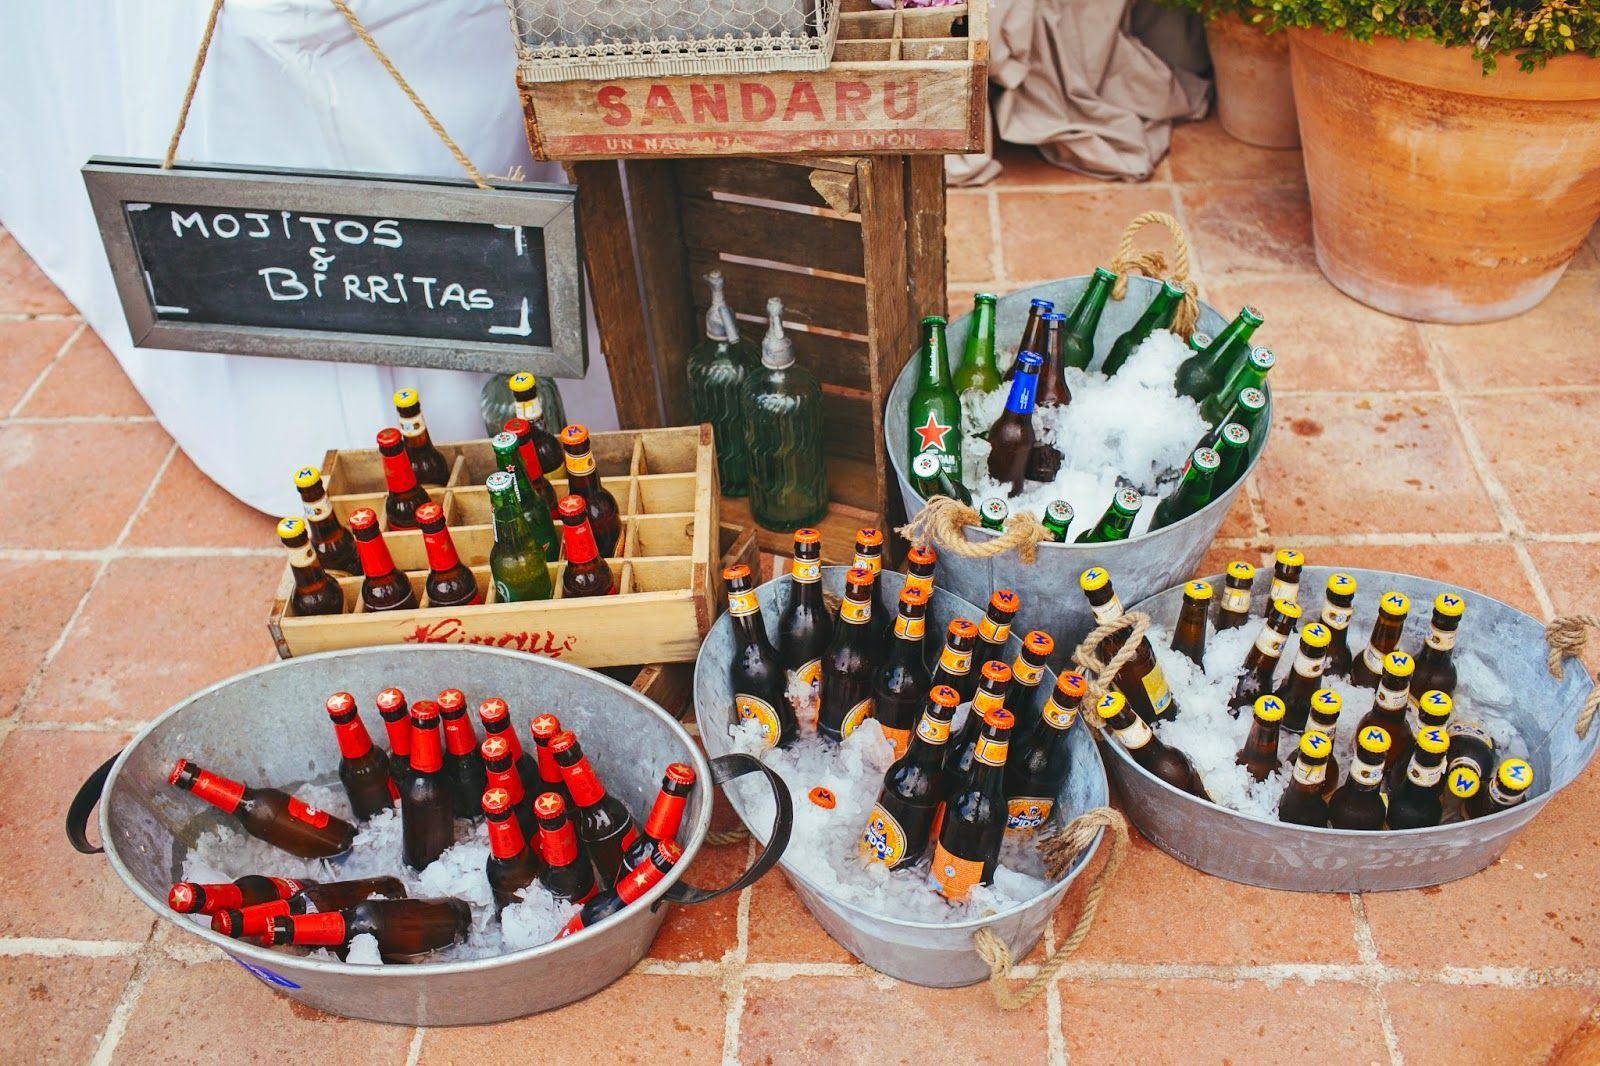 wedding deco beers colors boda cervezas decoración colores cajas de madera pizarra